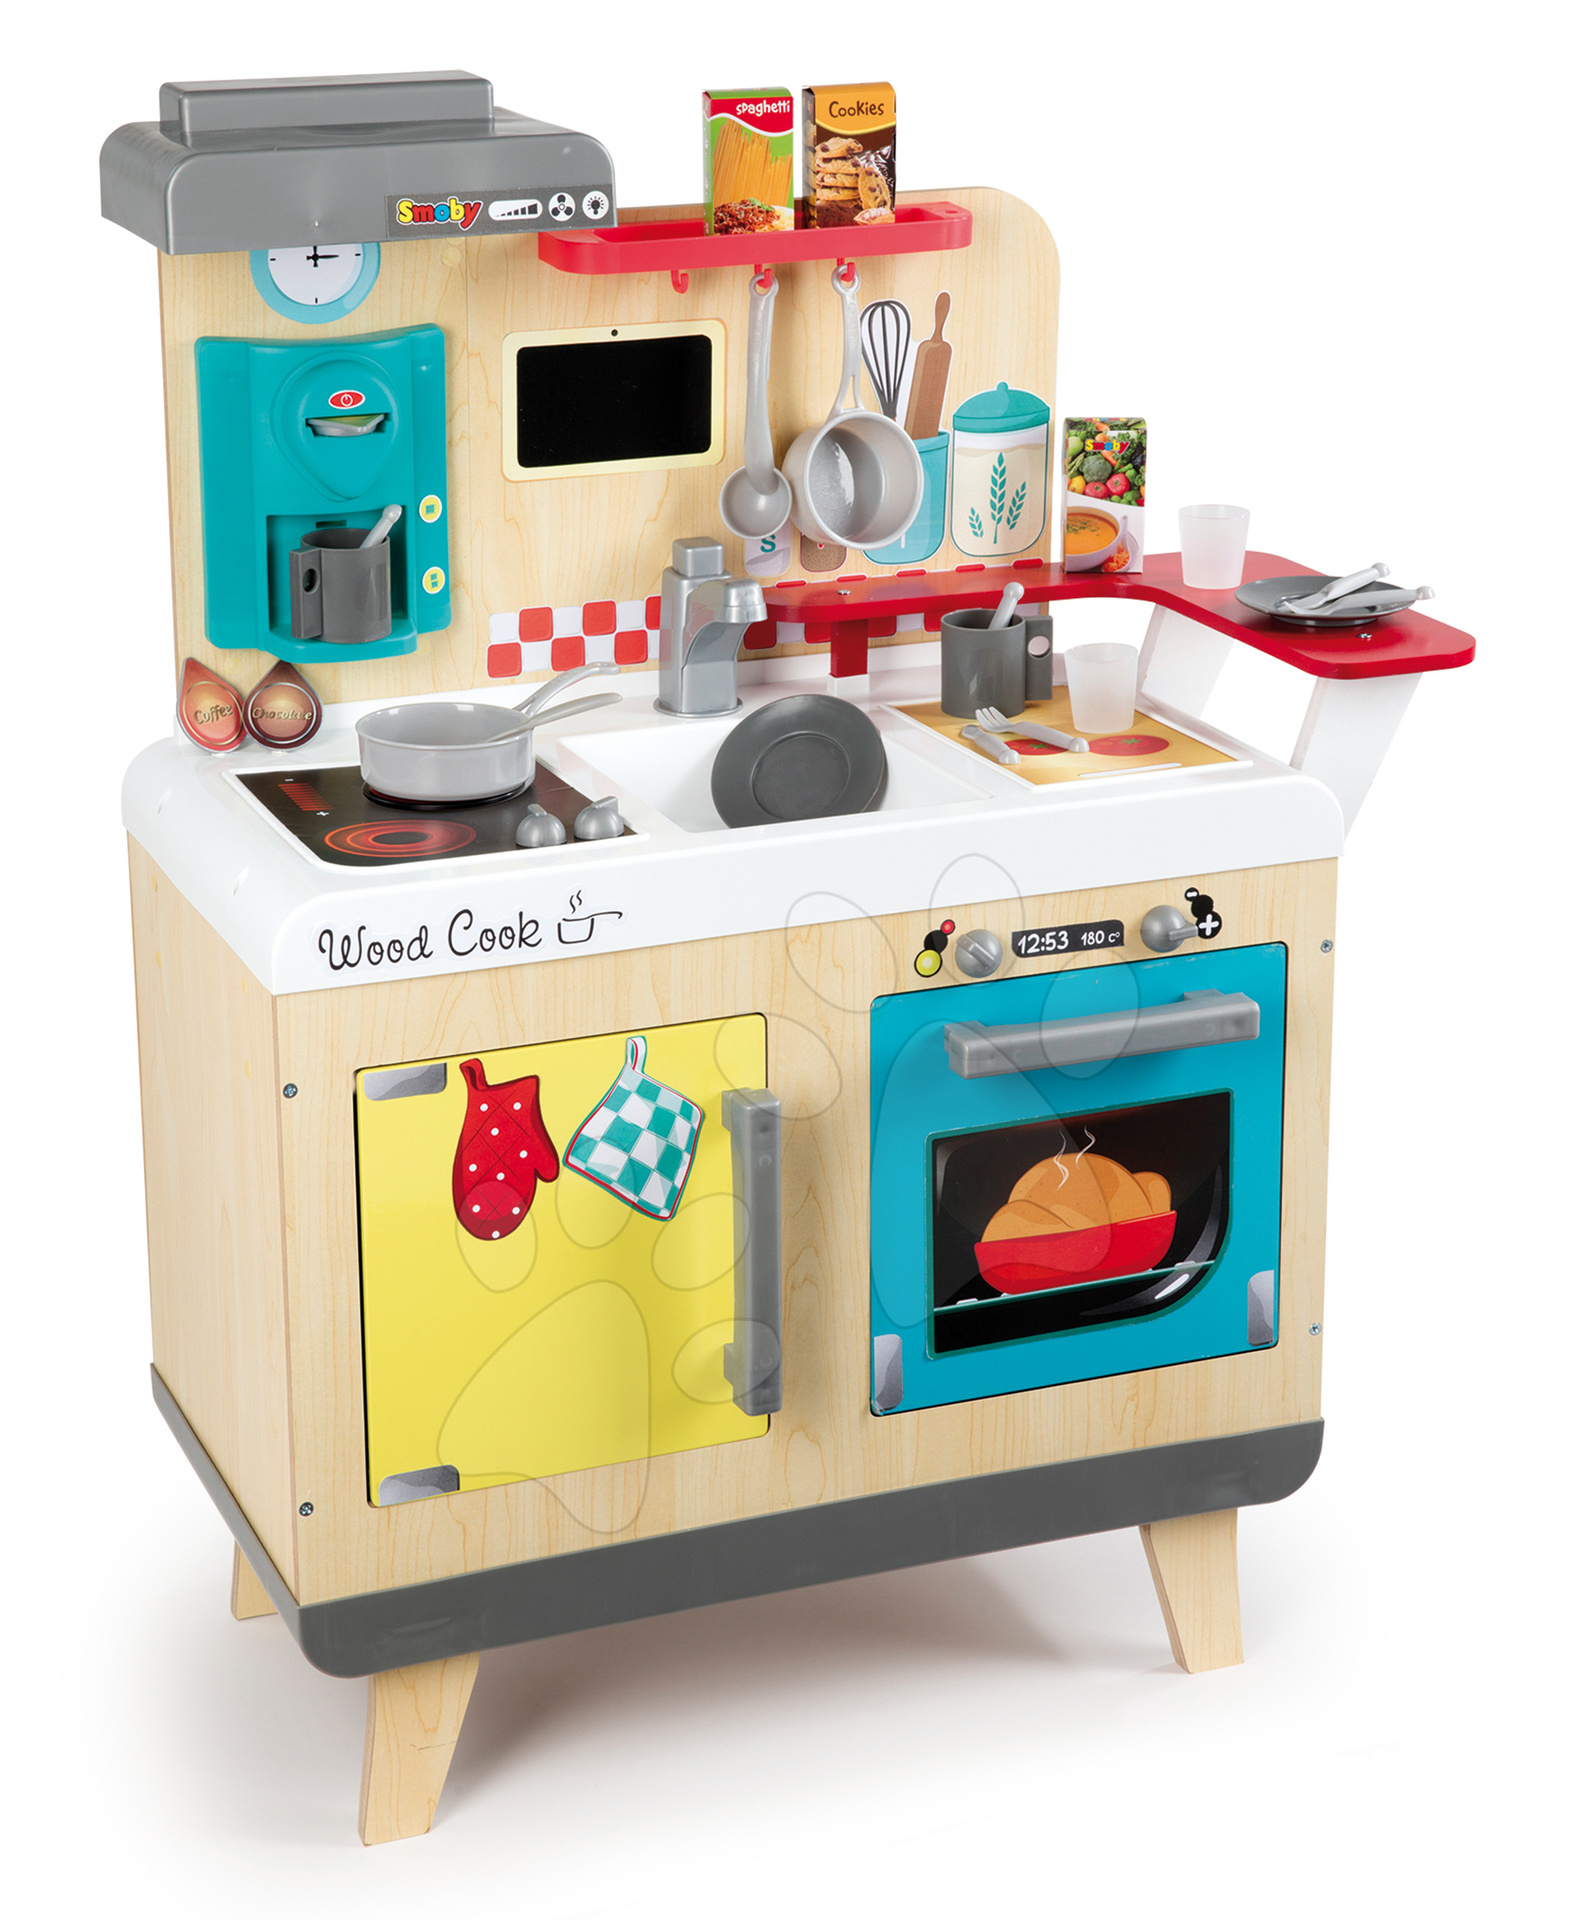 Dřevěná kuchyňka elektronická Wood Cook Smoby s funkcí magického bublání a kávovarem, 22 doplňků